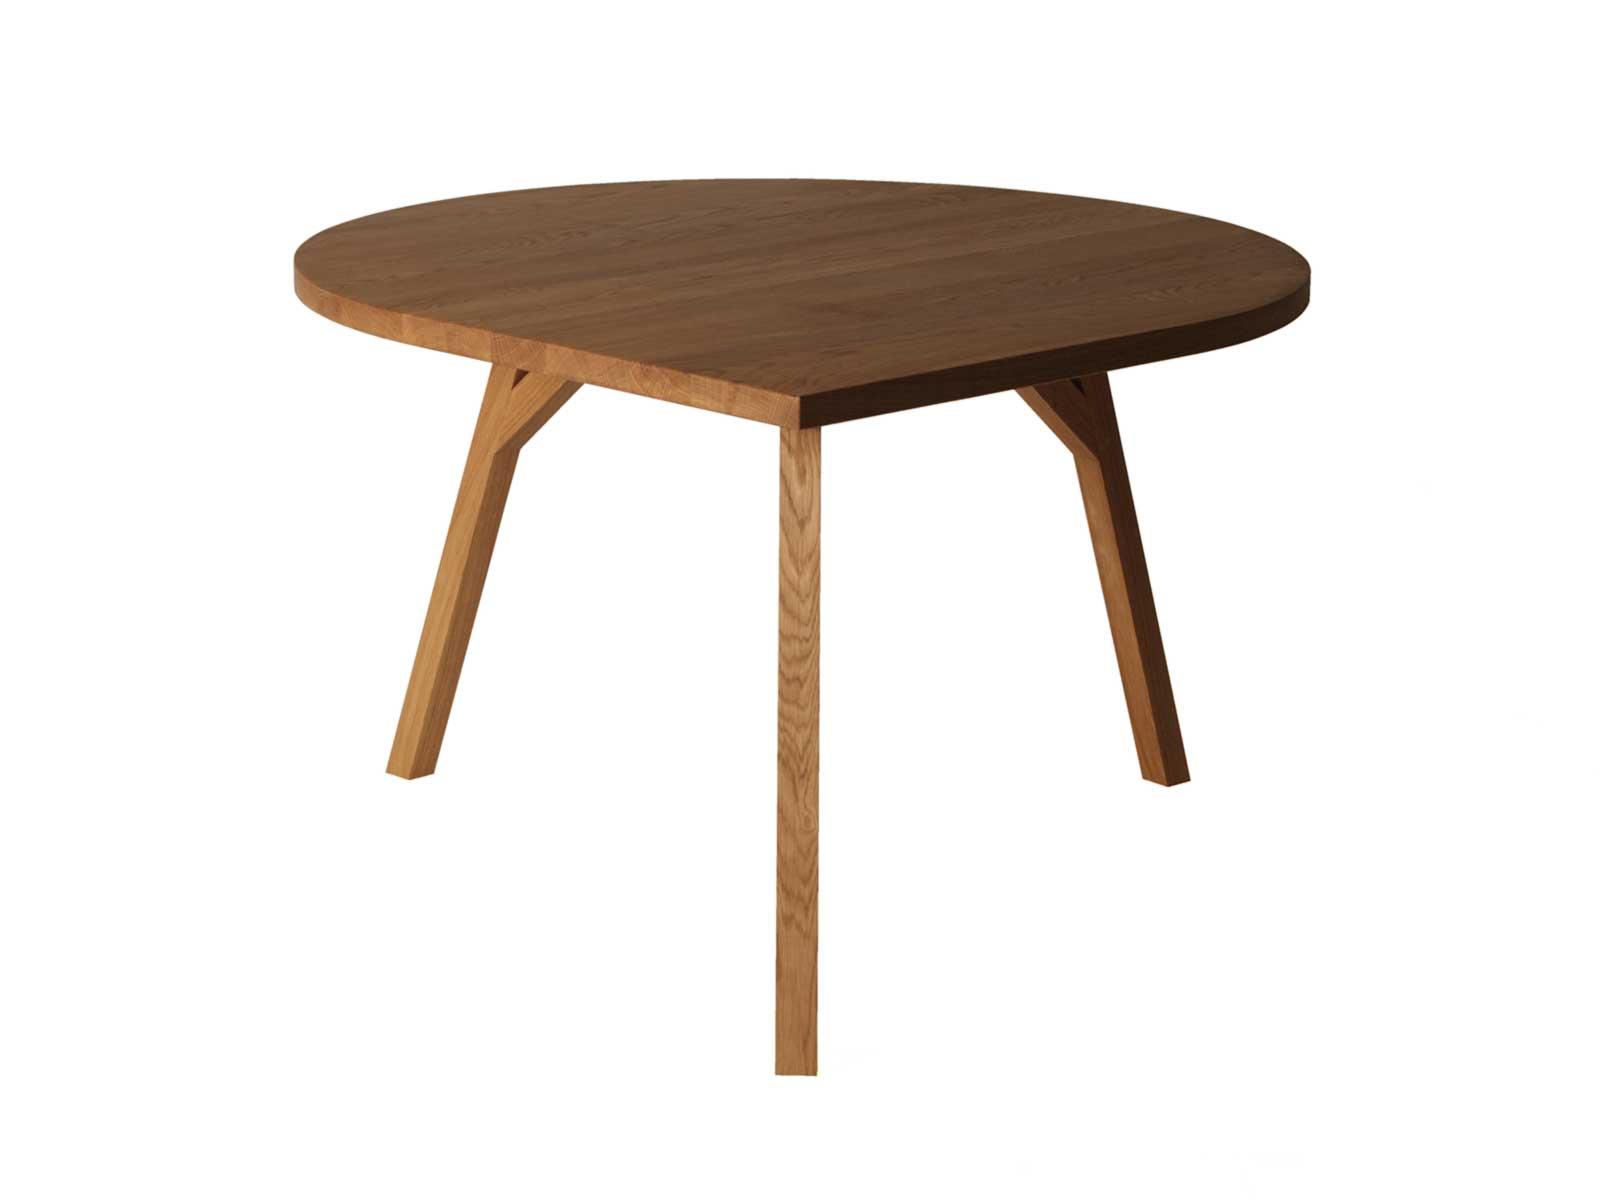 teardrop table